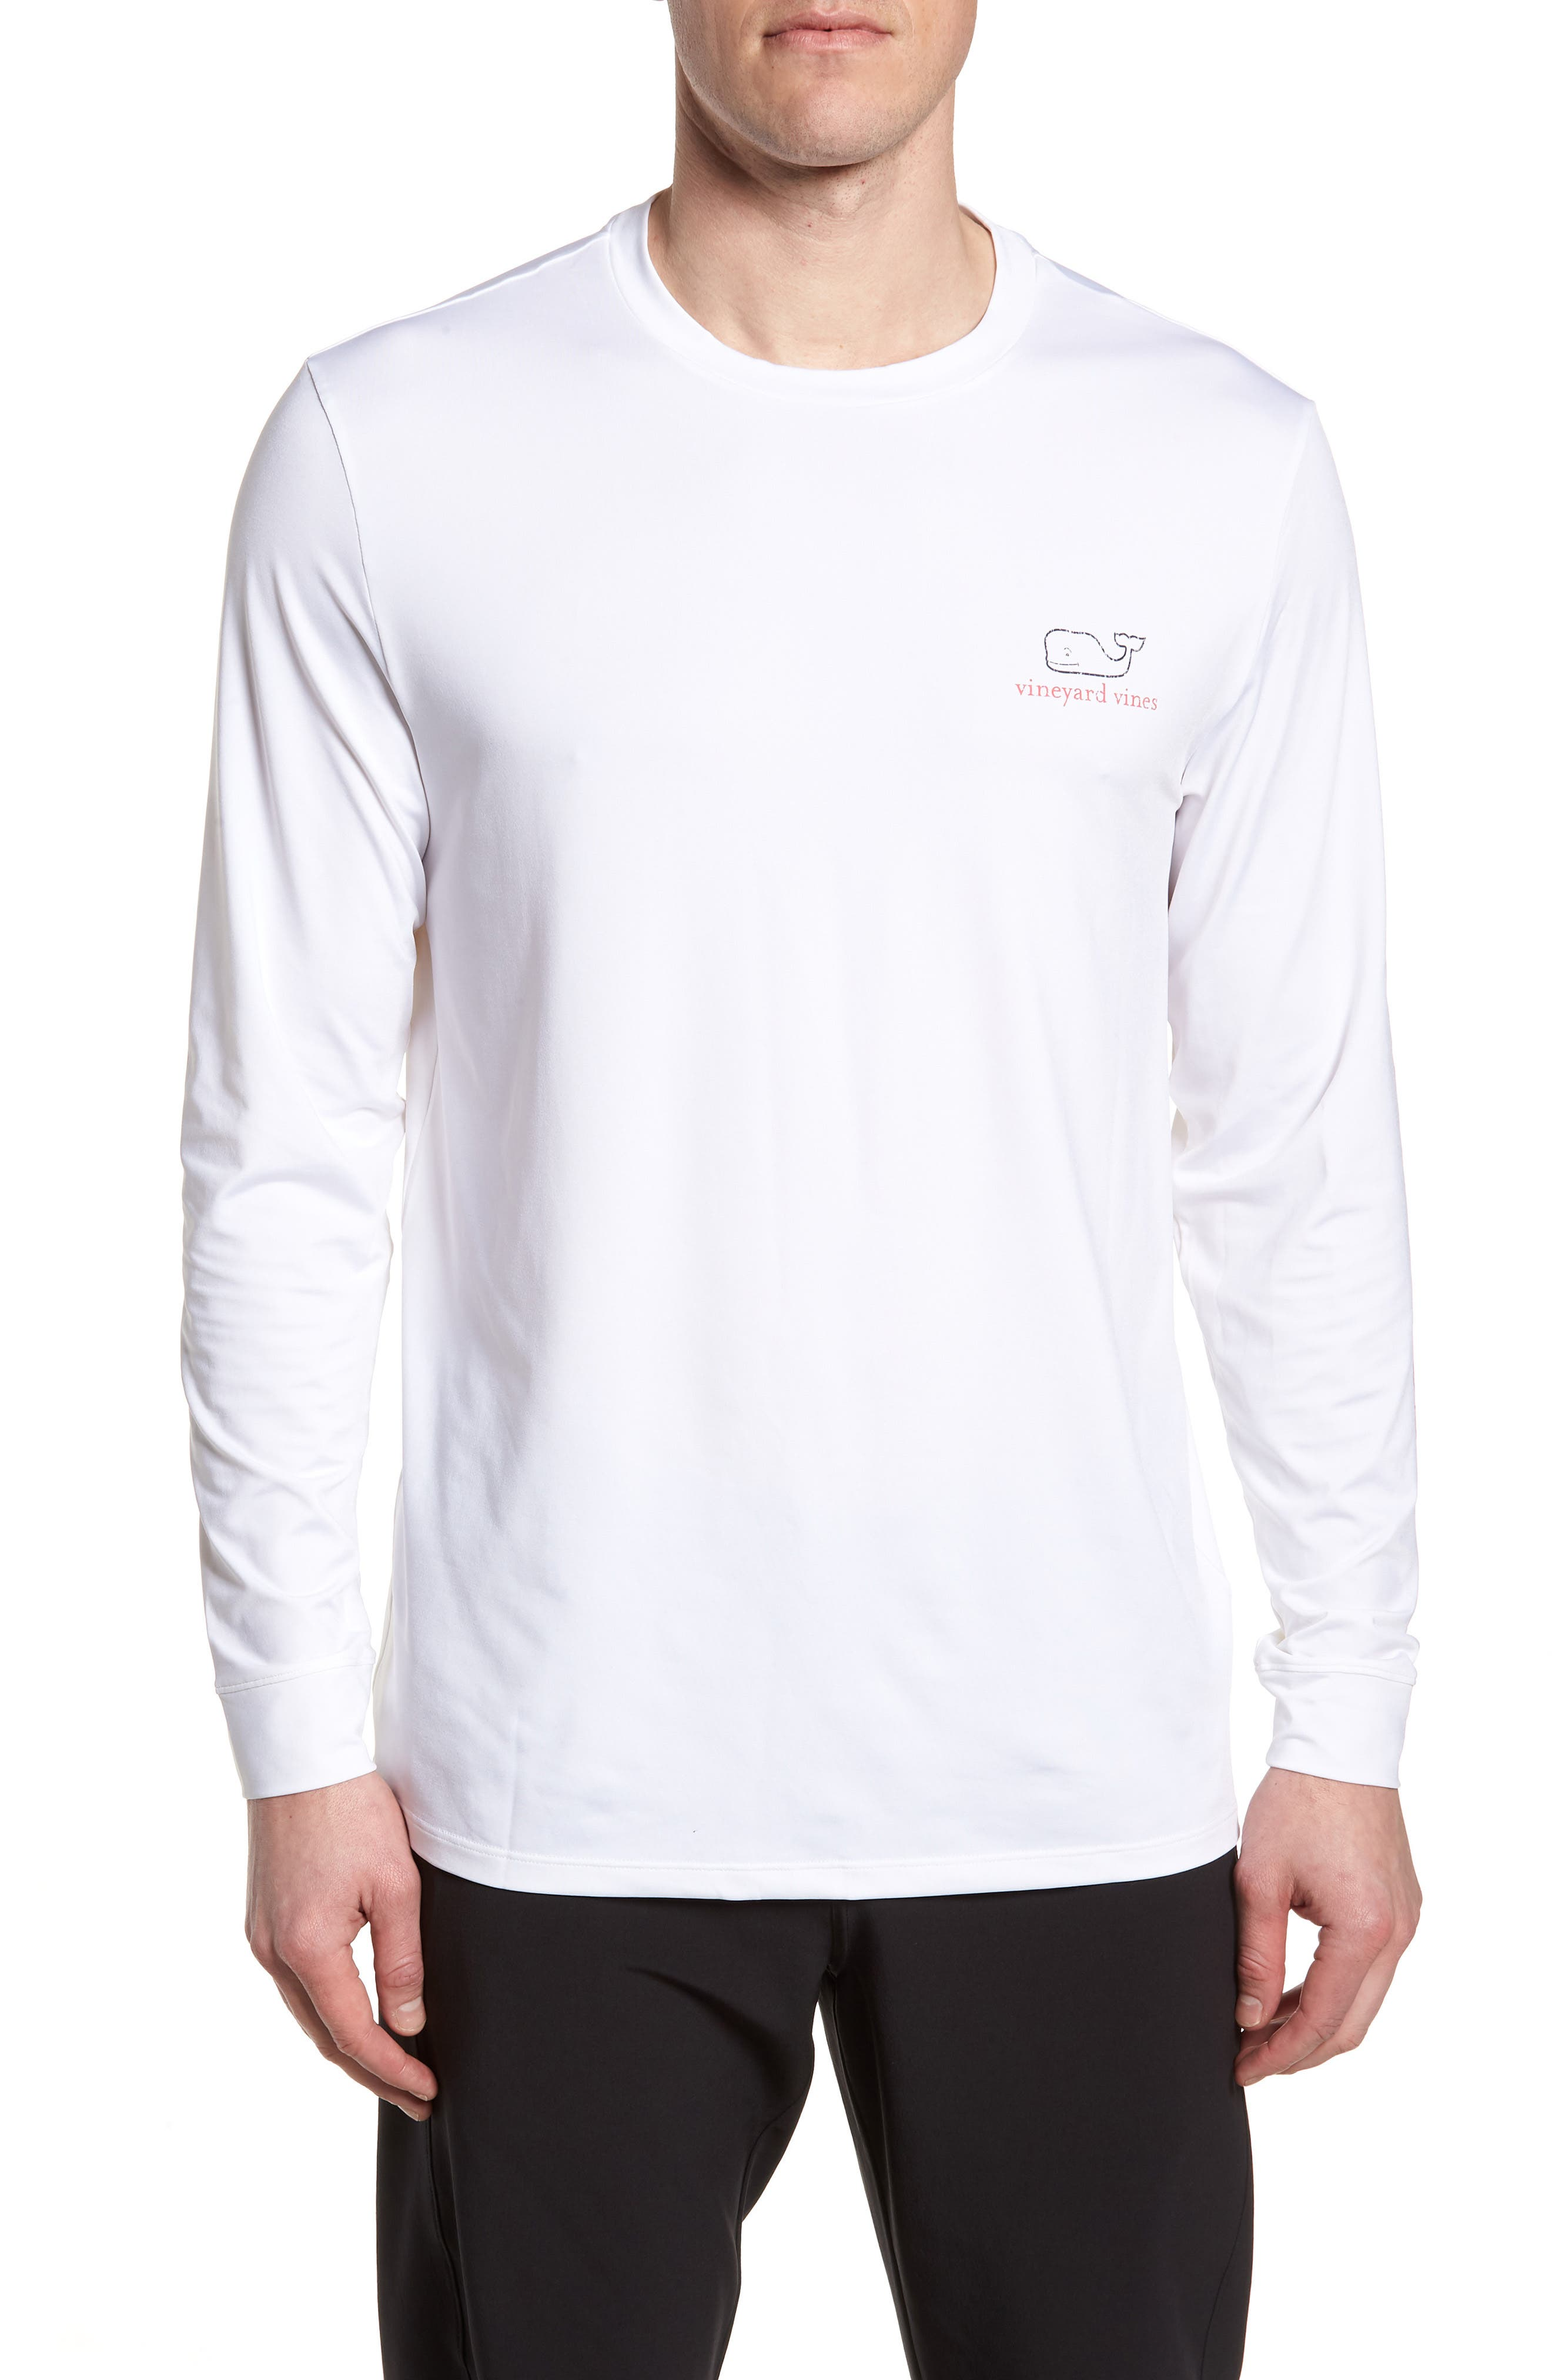 Vintage Whale Performance T-Shirt,                         Main,                         color,